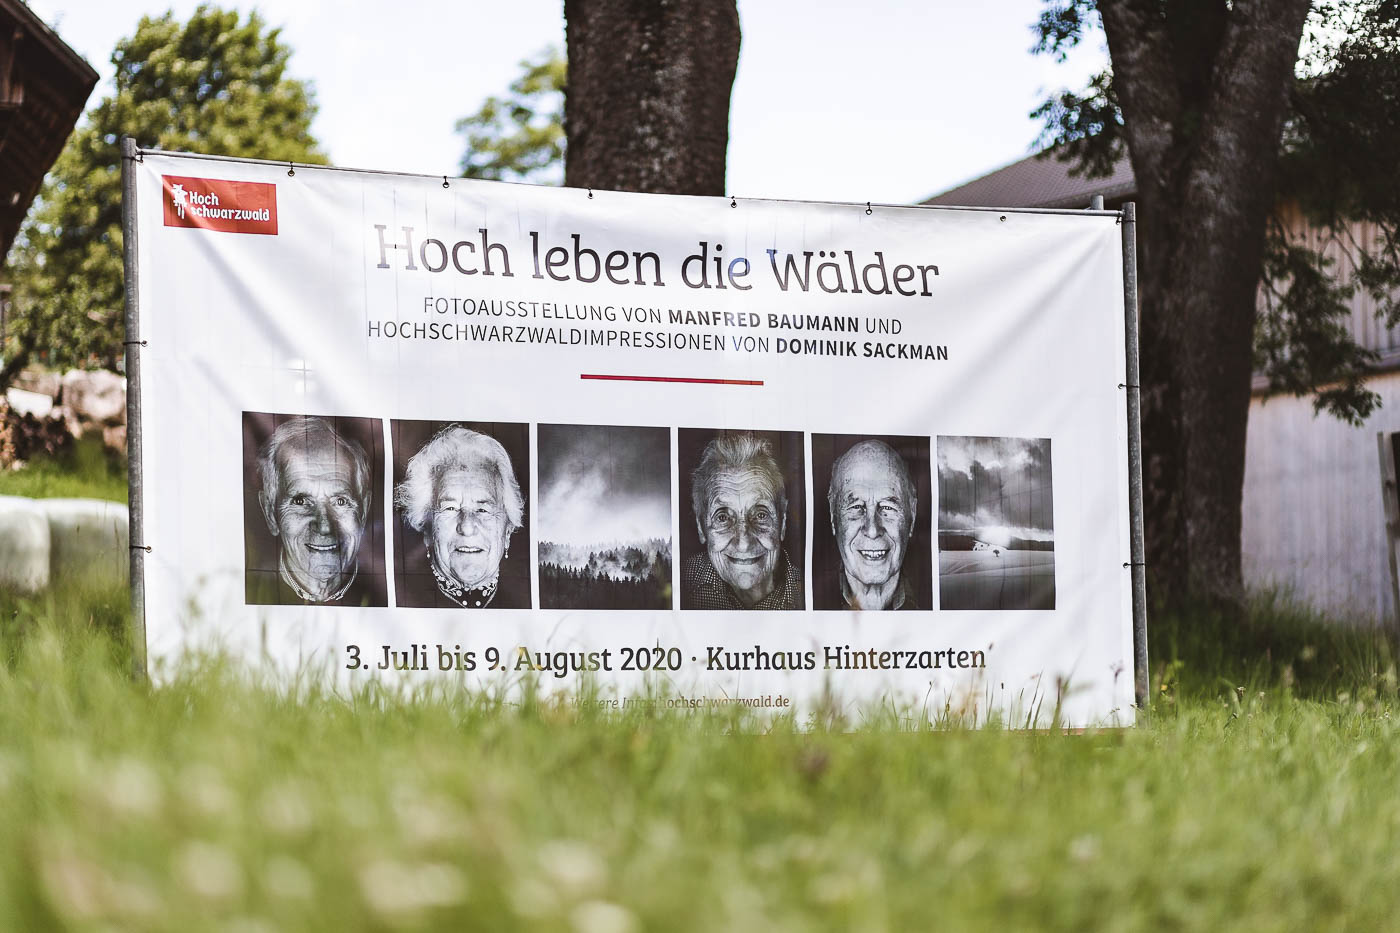 lichtwerk-fotograf-dominik-sackmann-fotografie-kirchzarten-hinterzarten-ausstellung-hoch-leben-die-wälder-waelder-manfred-baumann